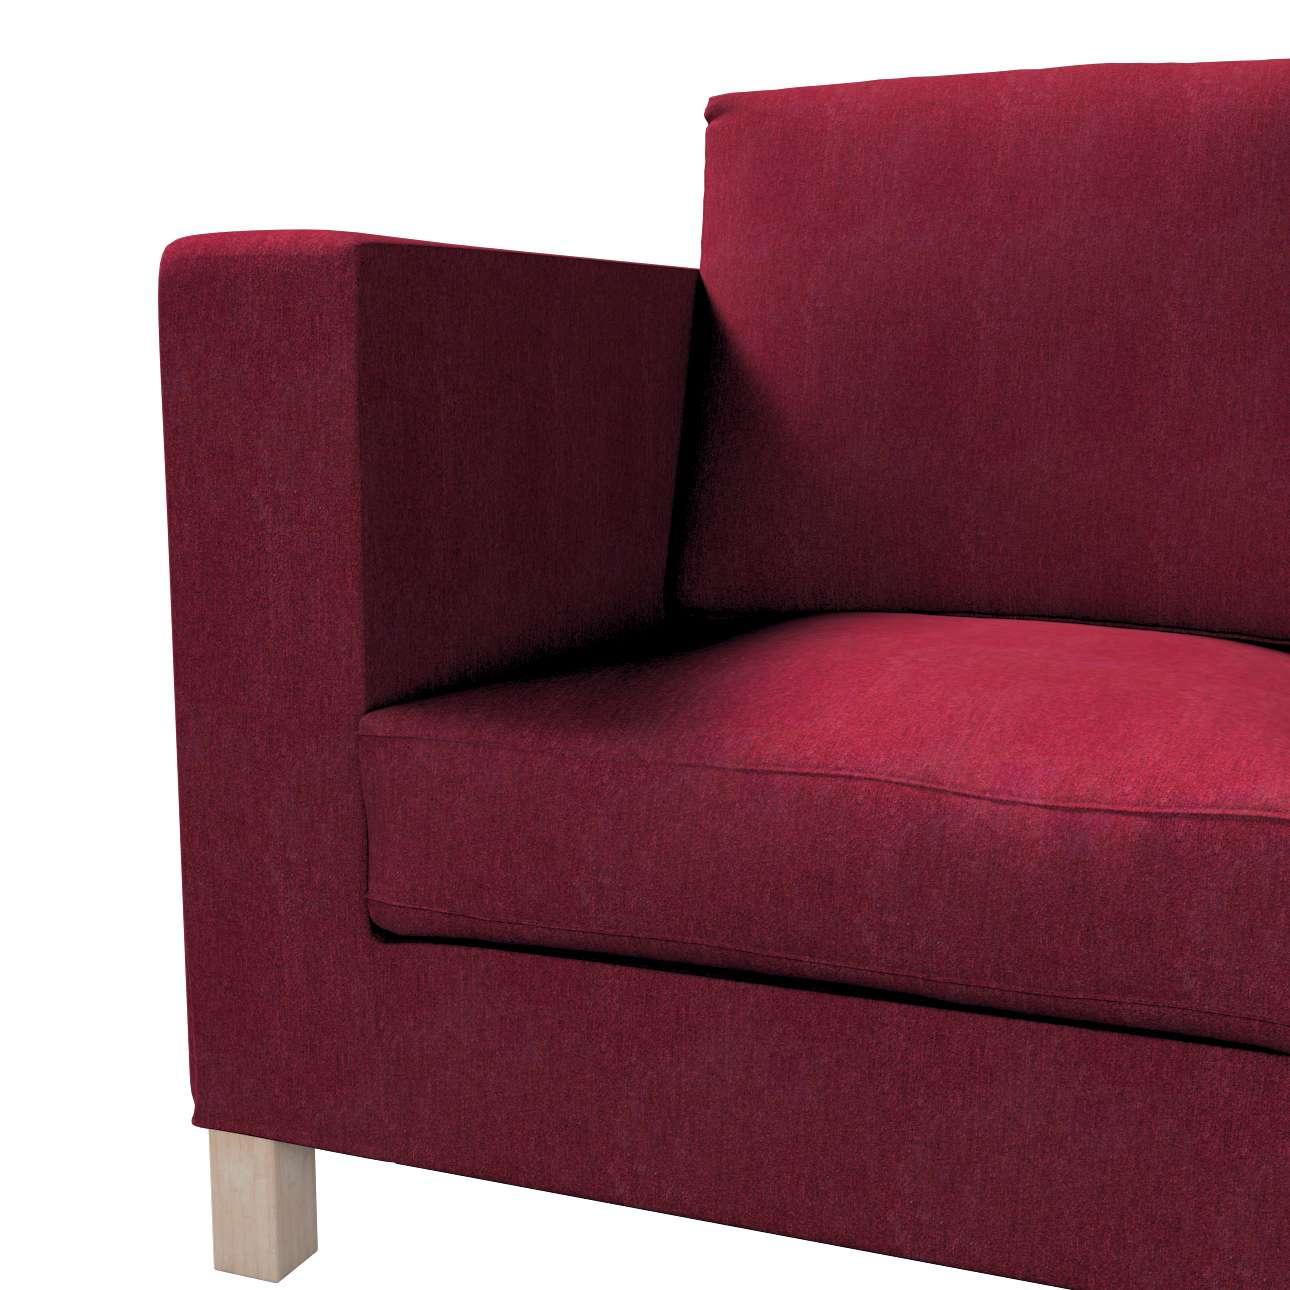 Pokrowiec na sofę Karlanda 3-osobową nierozkładaną, krótki w kolekcji Chenille, tkanina: 702-19